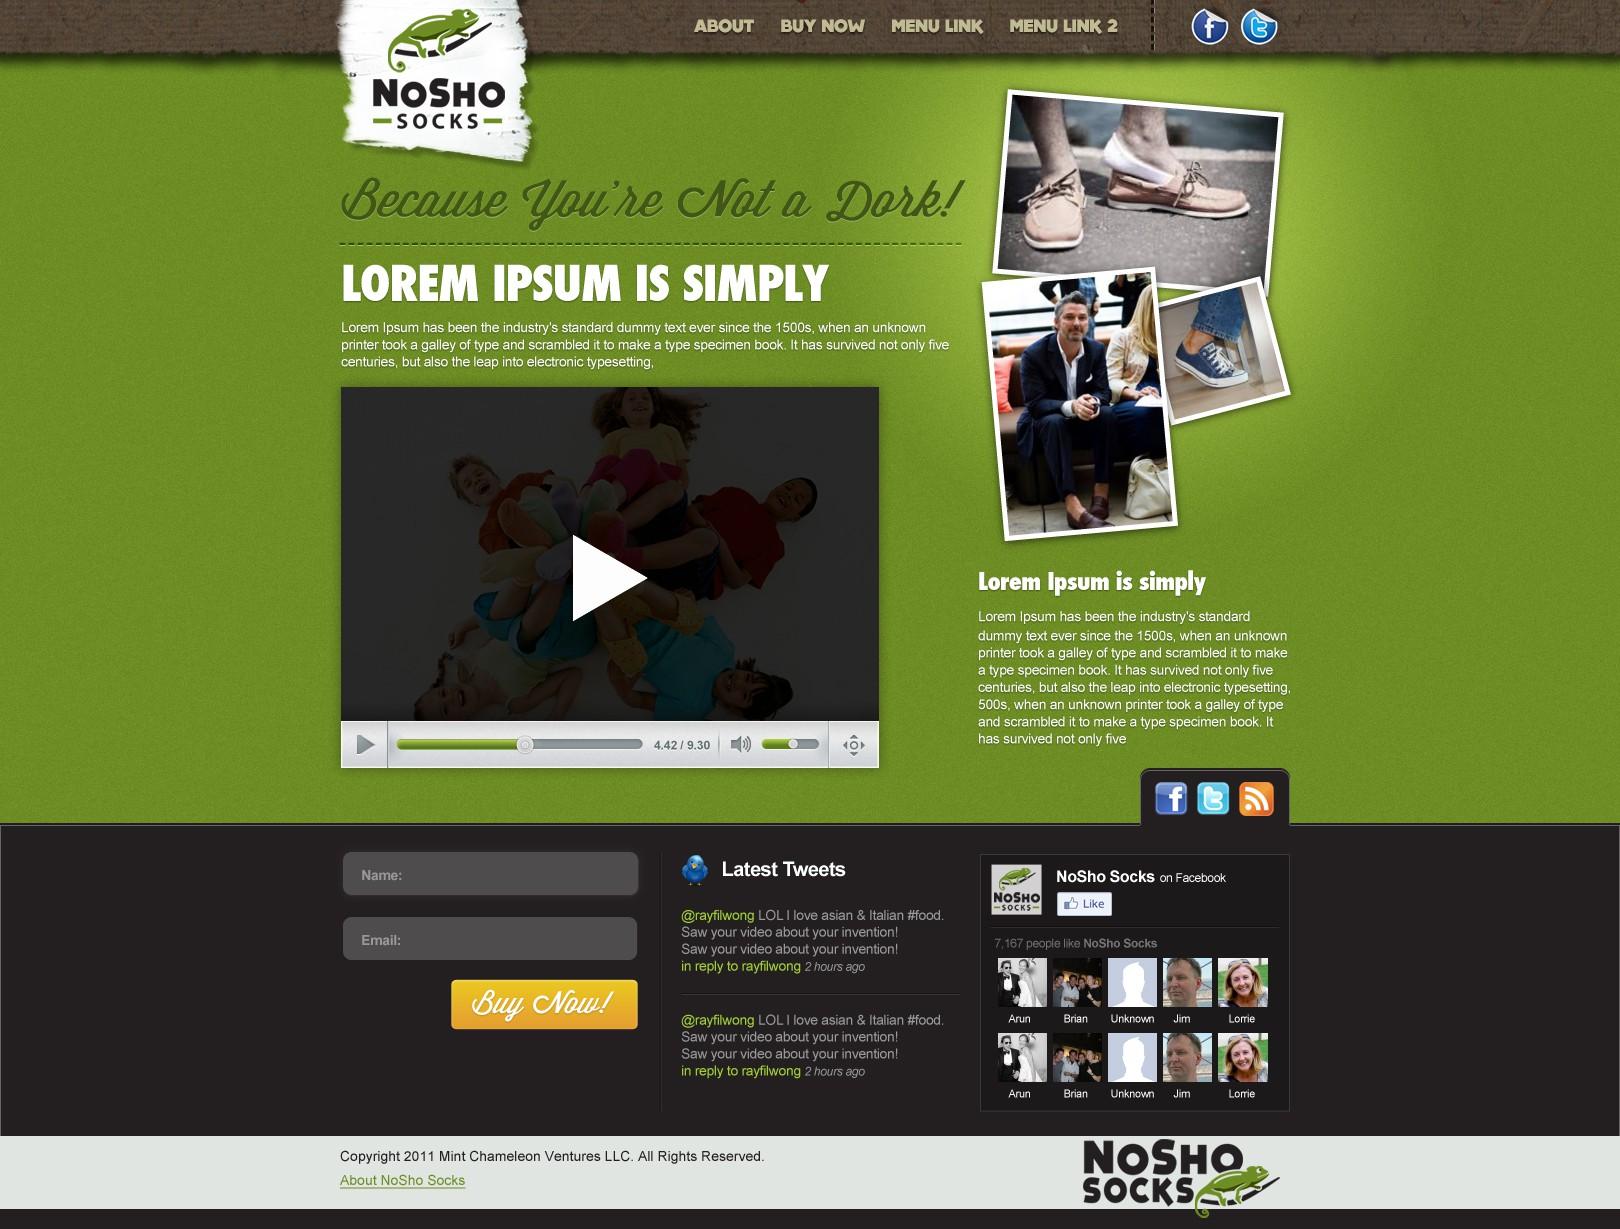 NoSho Socks needs a new website design